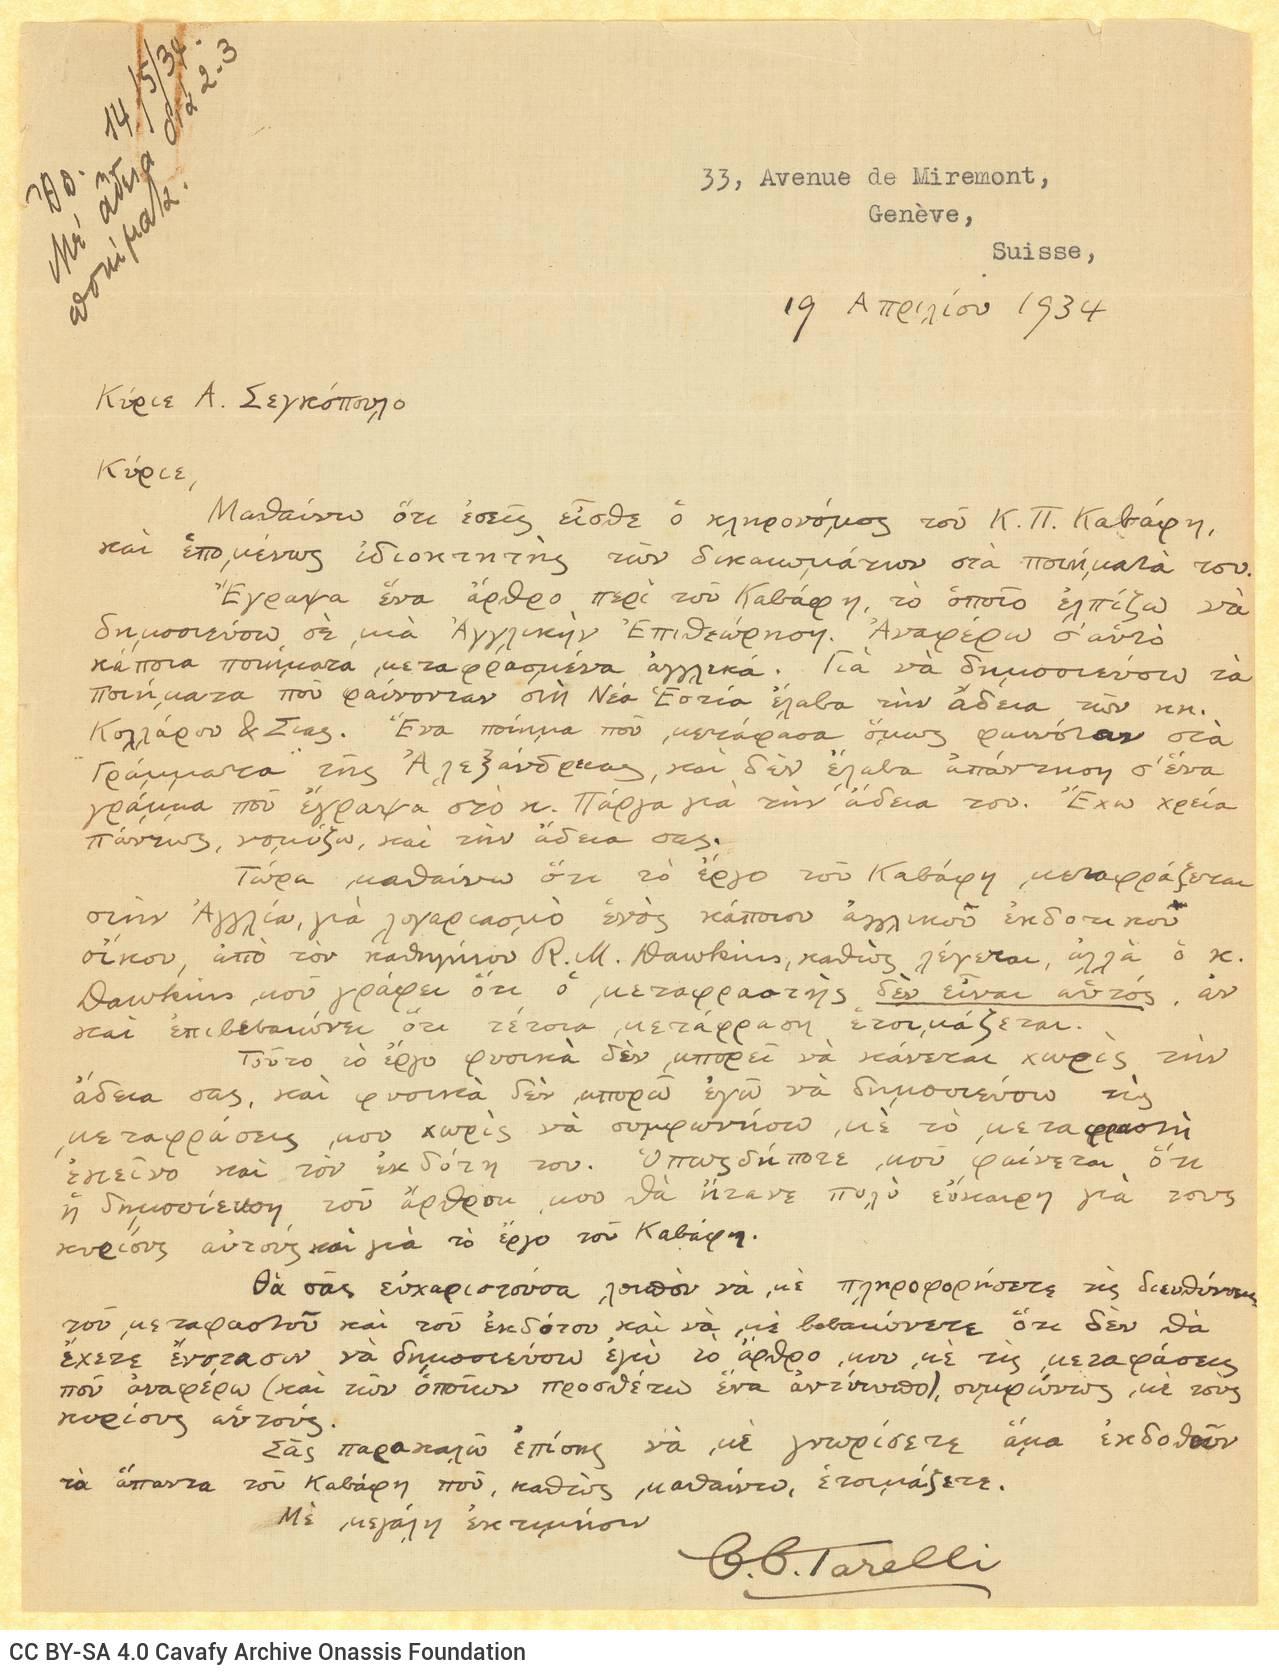 Χειρόγραφη επιστολή του Ταρέλλι (C. C. Tarelli) προς τον Αλέκο Σεγκόπουλο �